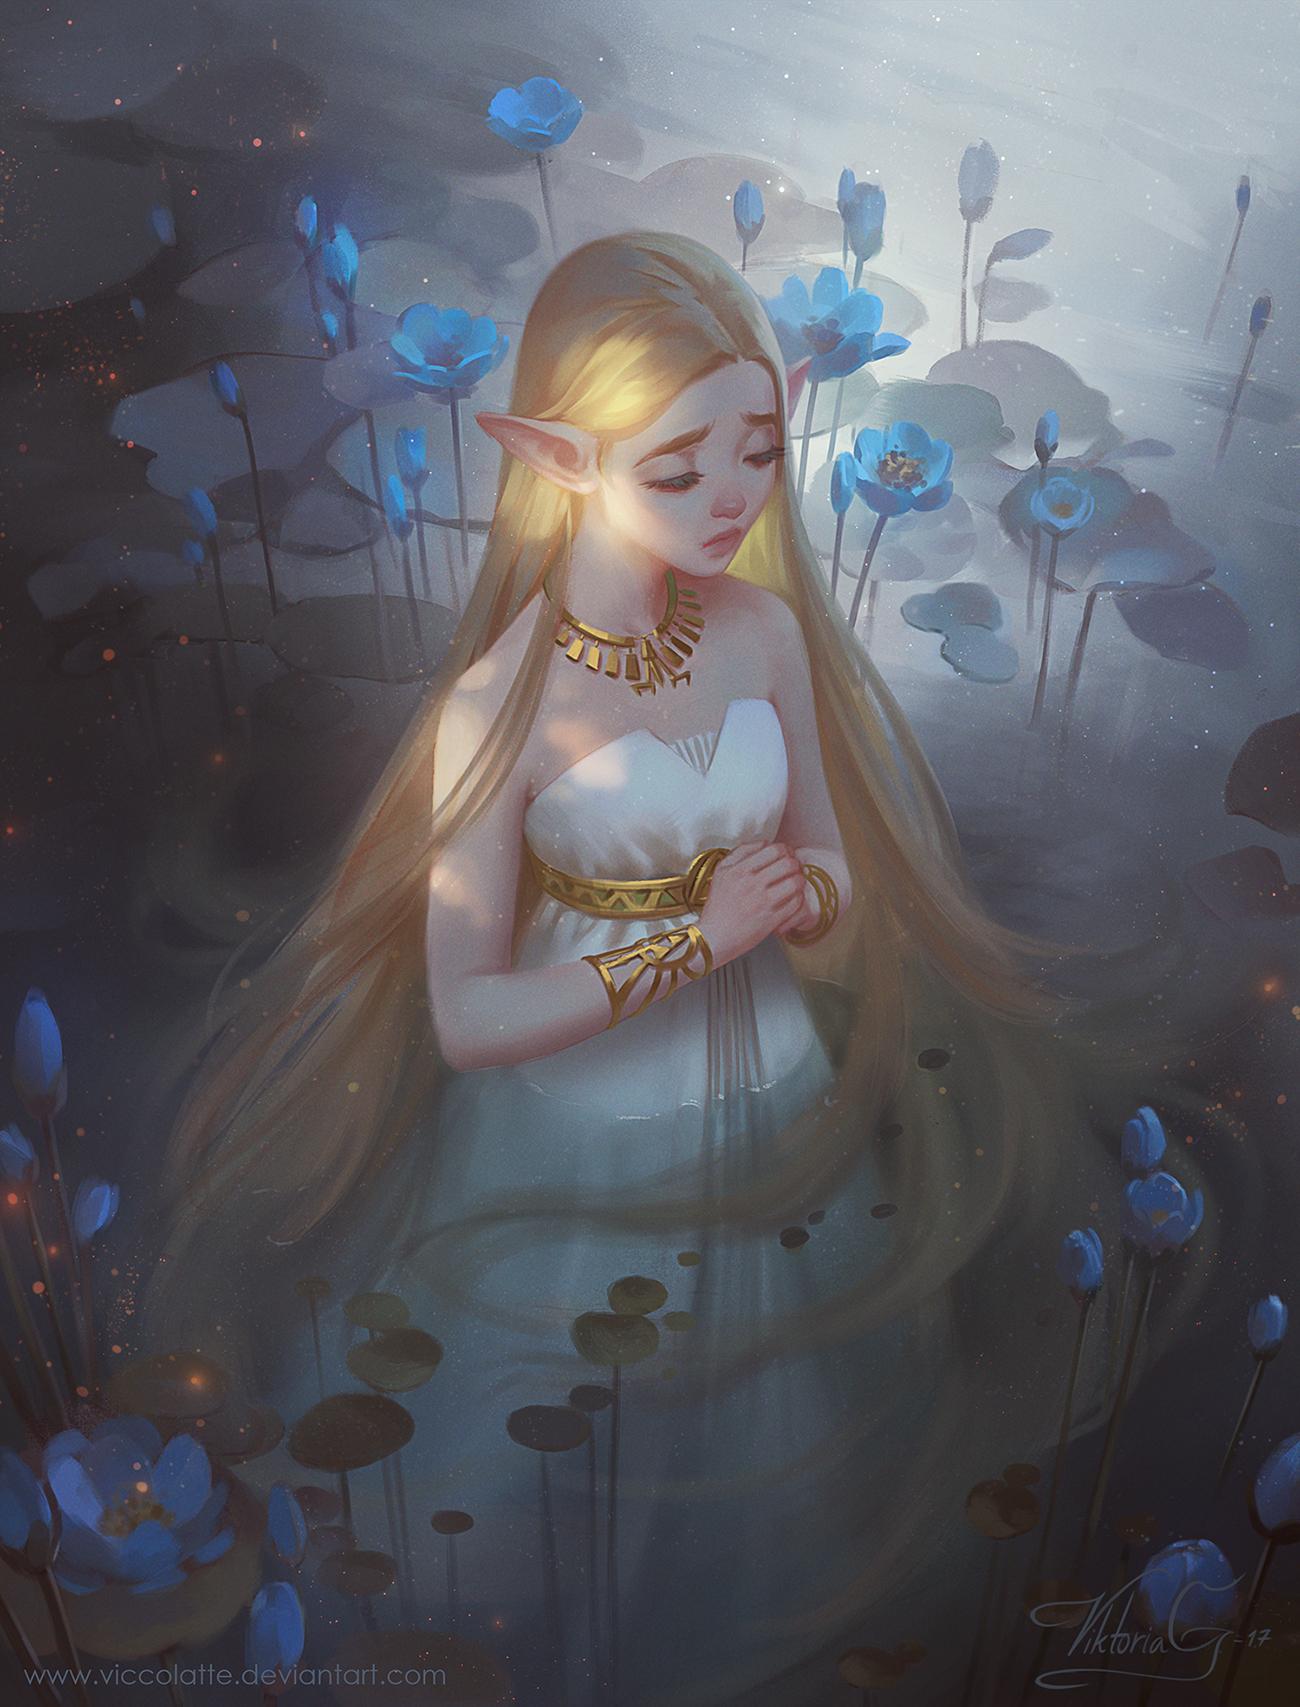 Download Zelda Breath Of The Wild Image